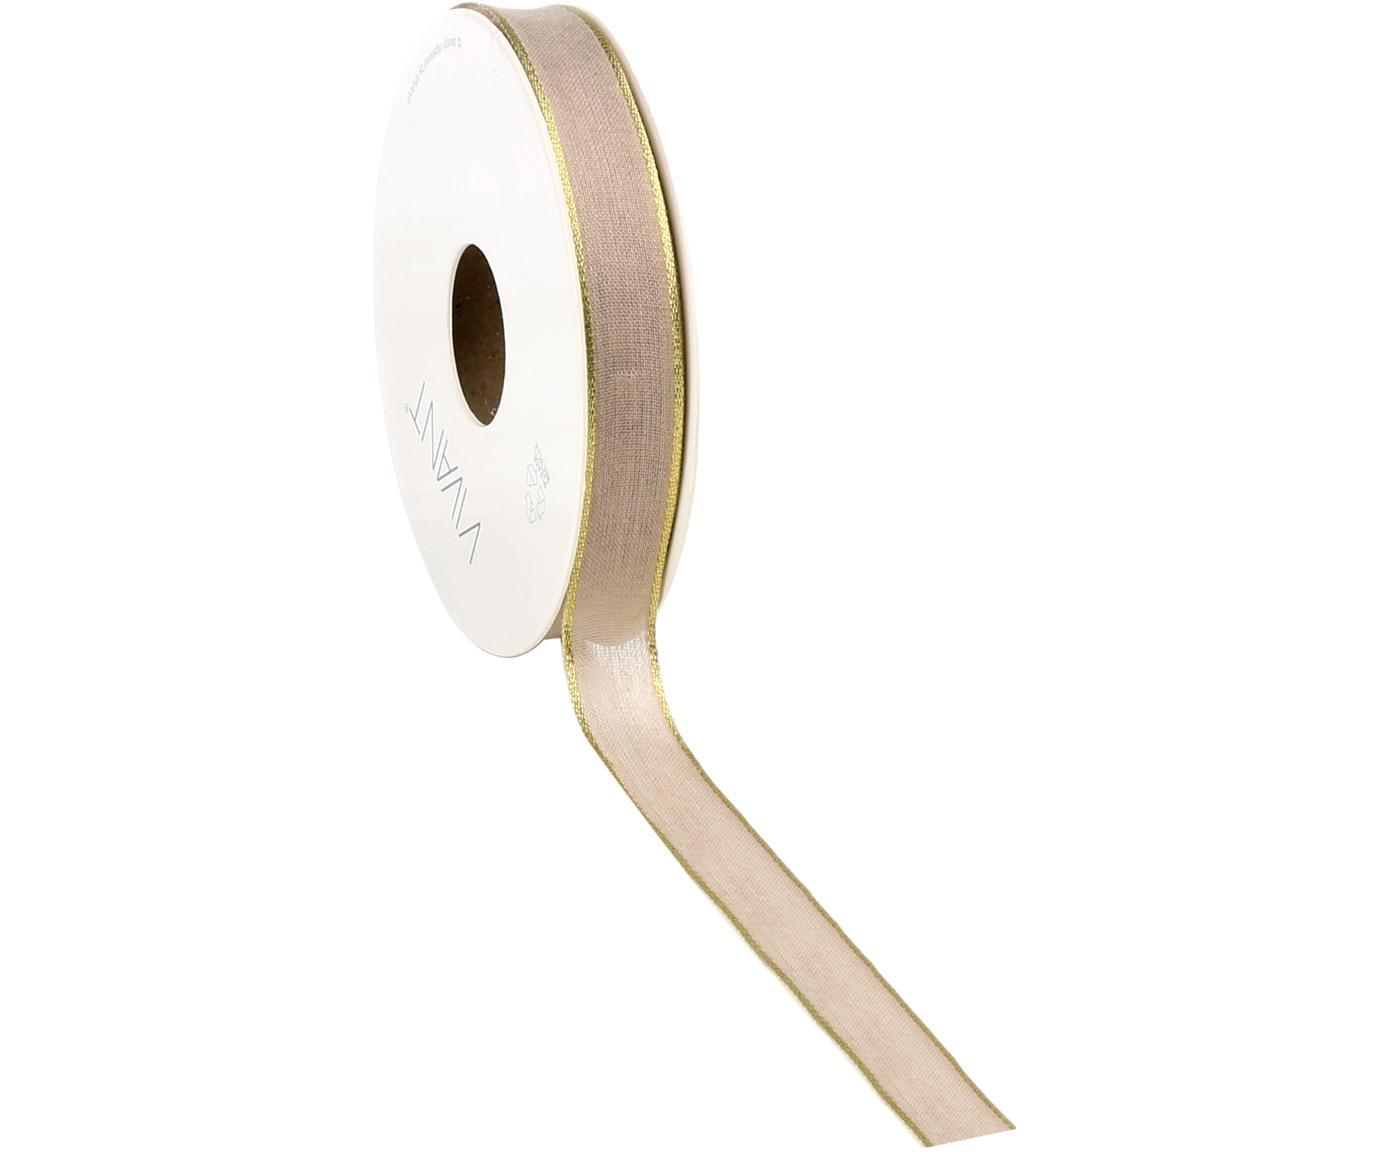 Wstążka prezentowa Batiste, 55% rayon, 45% poliester, Taupe, odcienie złotego, S 3 x D 1500 cm